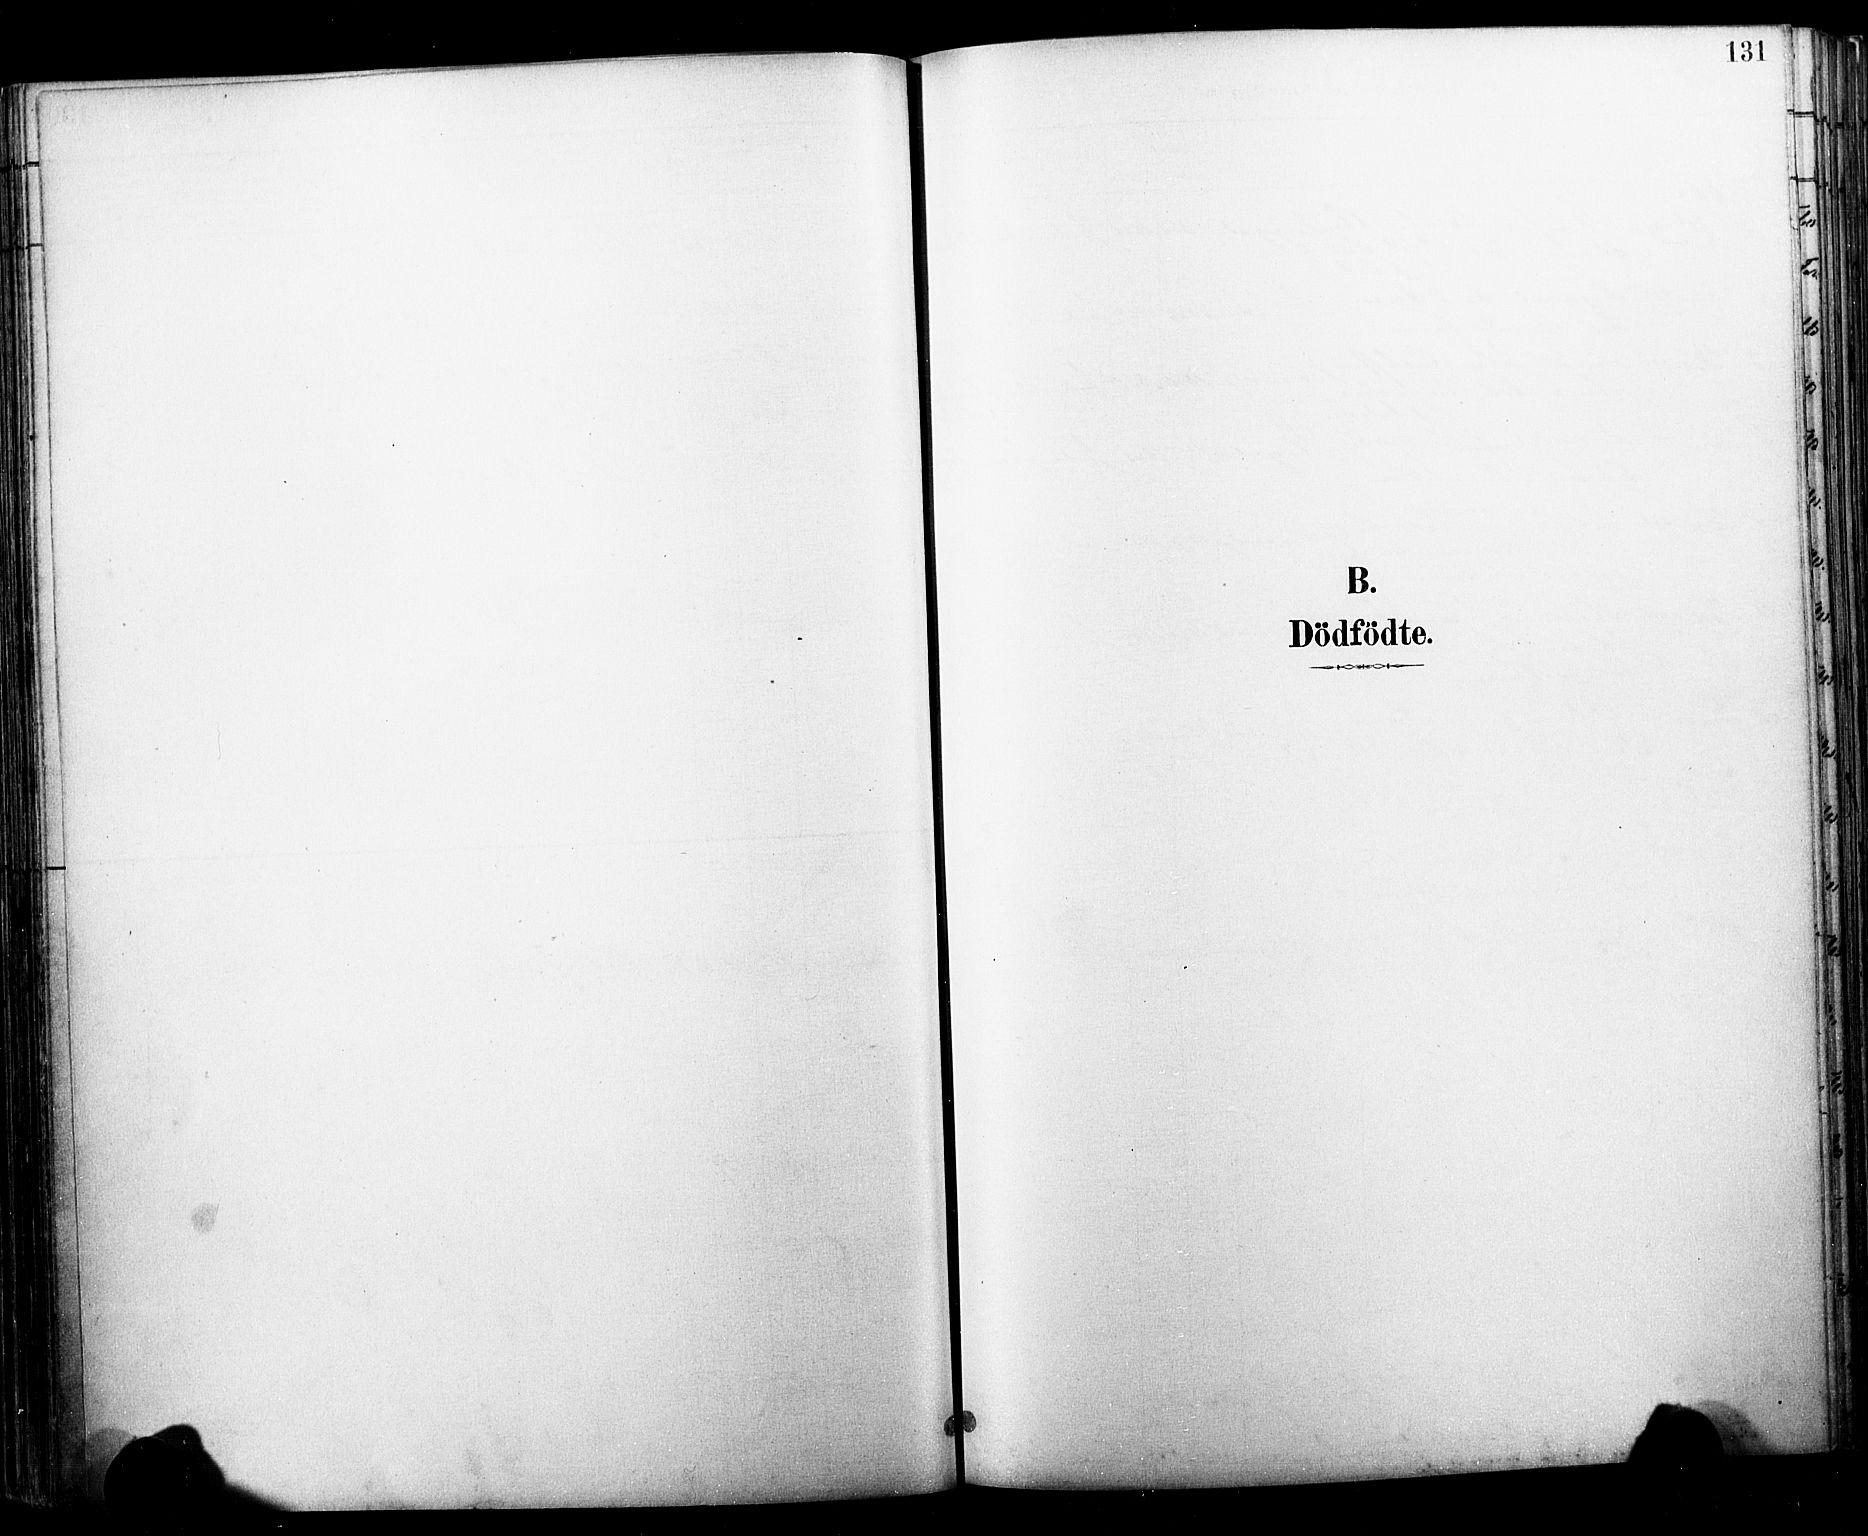 SAKO, Horten kirkebøker, F/Fa/L0004: Ministerialbok nr. 4, 1888-1895, s. 131